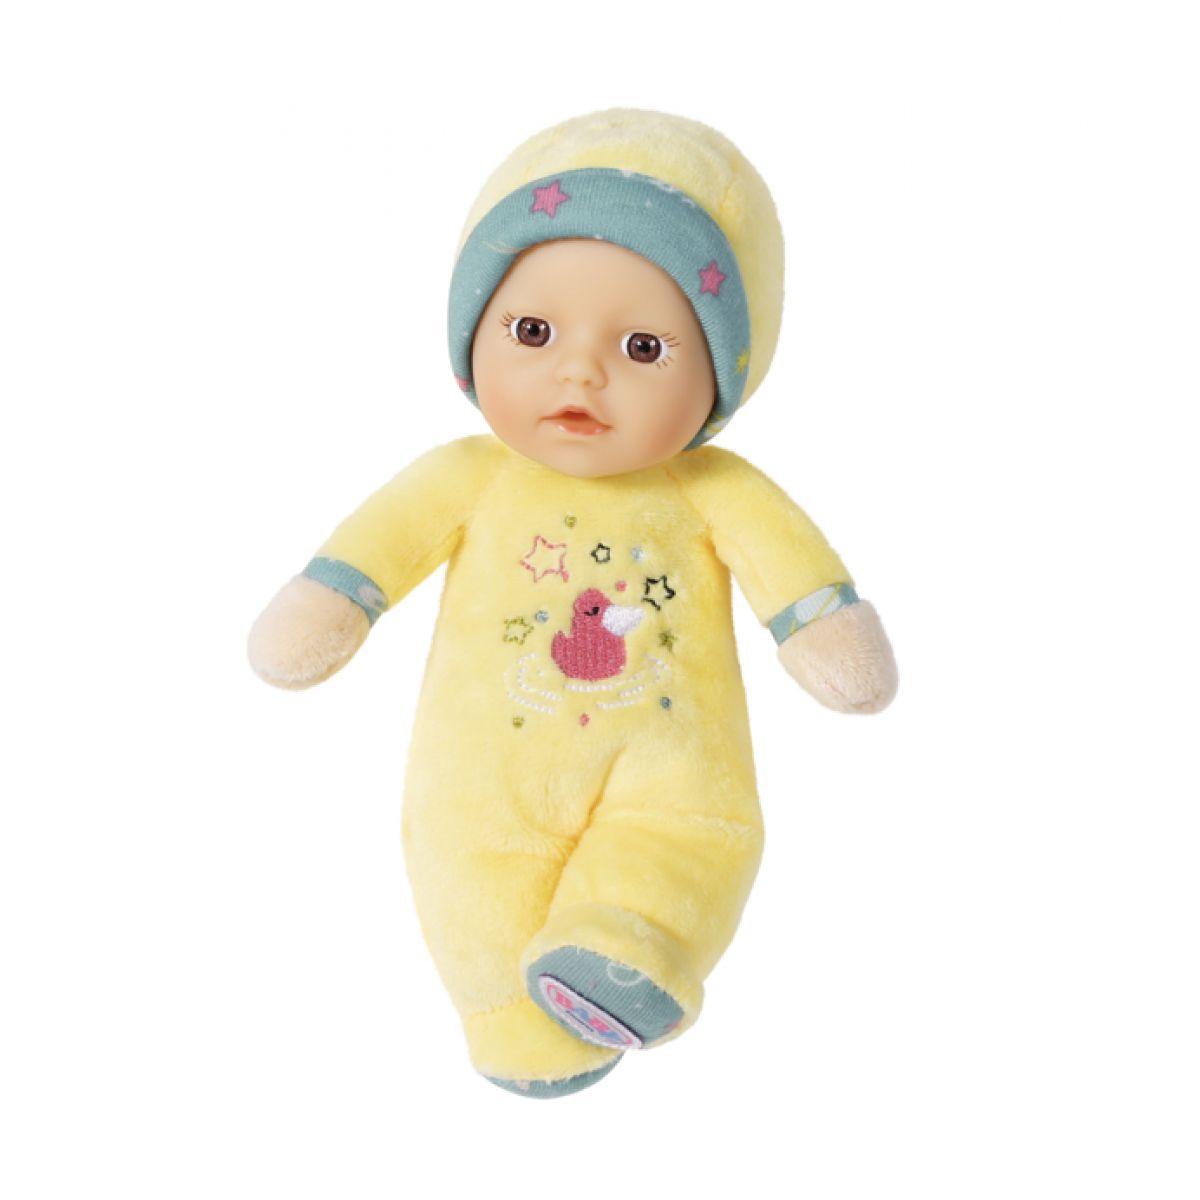 Zapf Creation BABY born for babies, Mazlíček 18 cm Žlutá